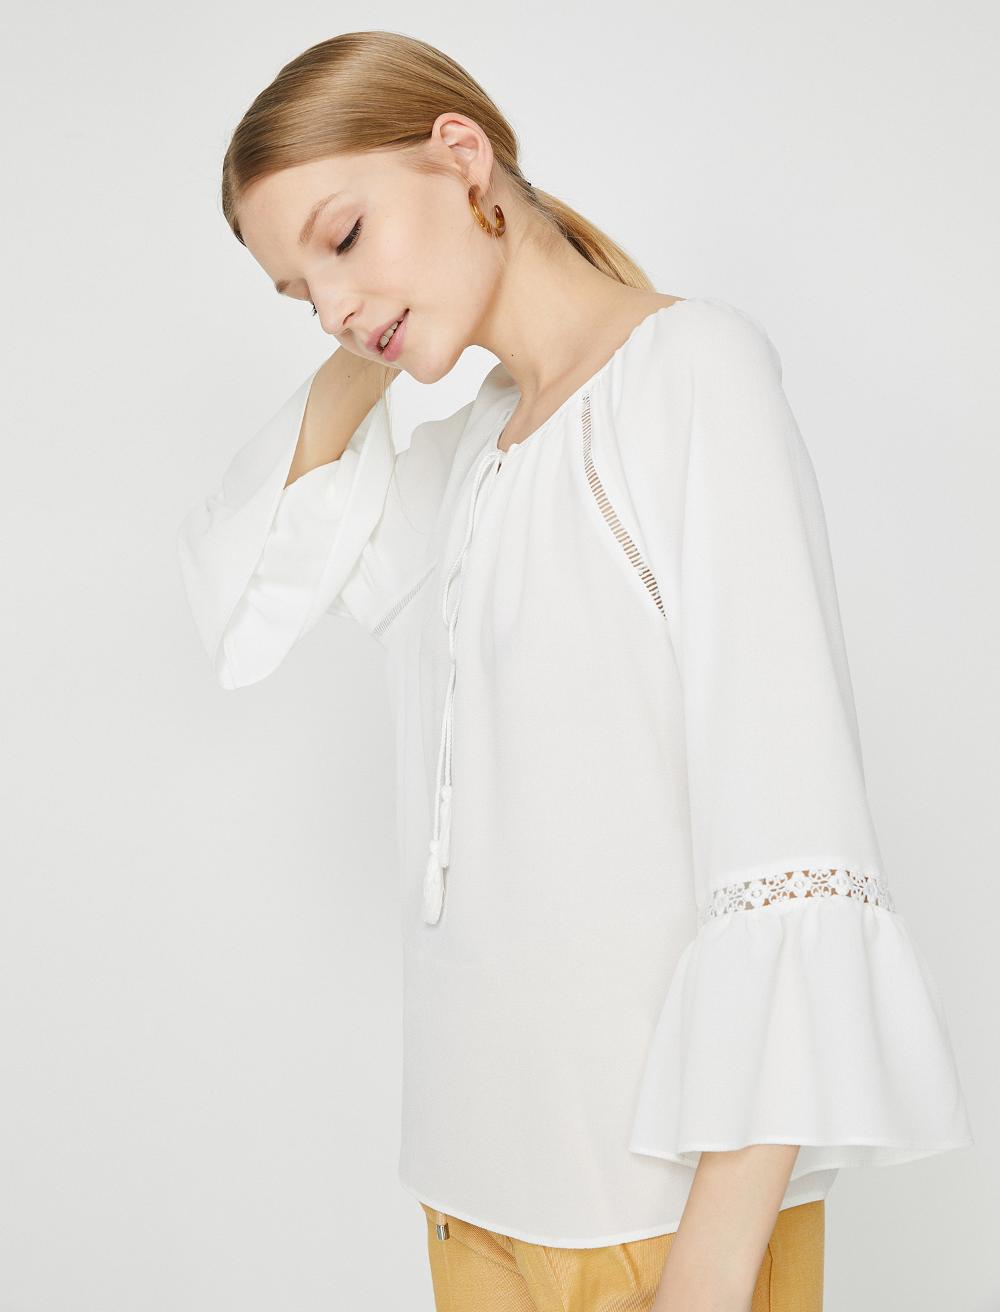 Ekru Bayan Dantel Detayli Bluz 9yak68471pw001 Koton In 2020 Fashion Women Professional Attire Winter Outfits Dressy